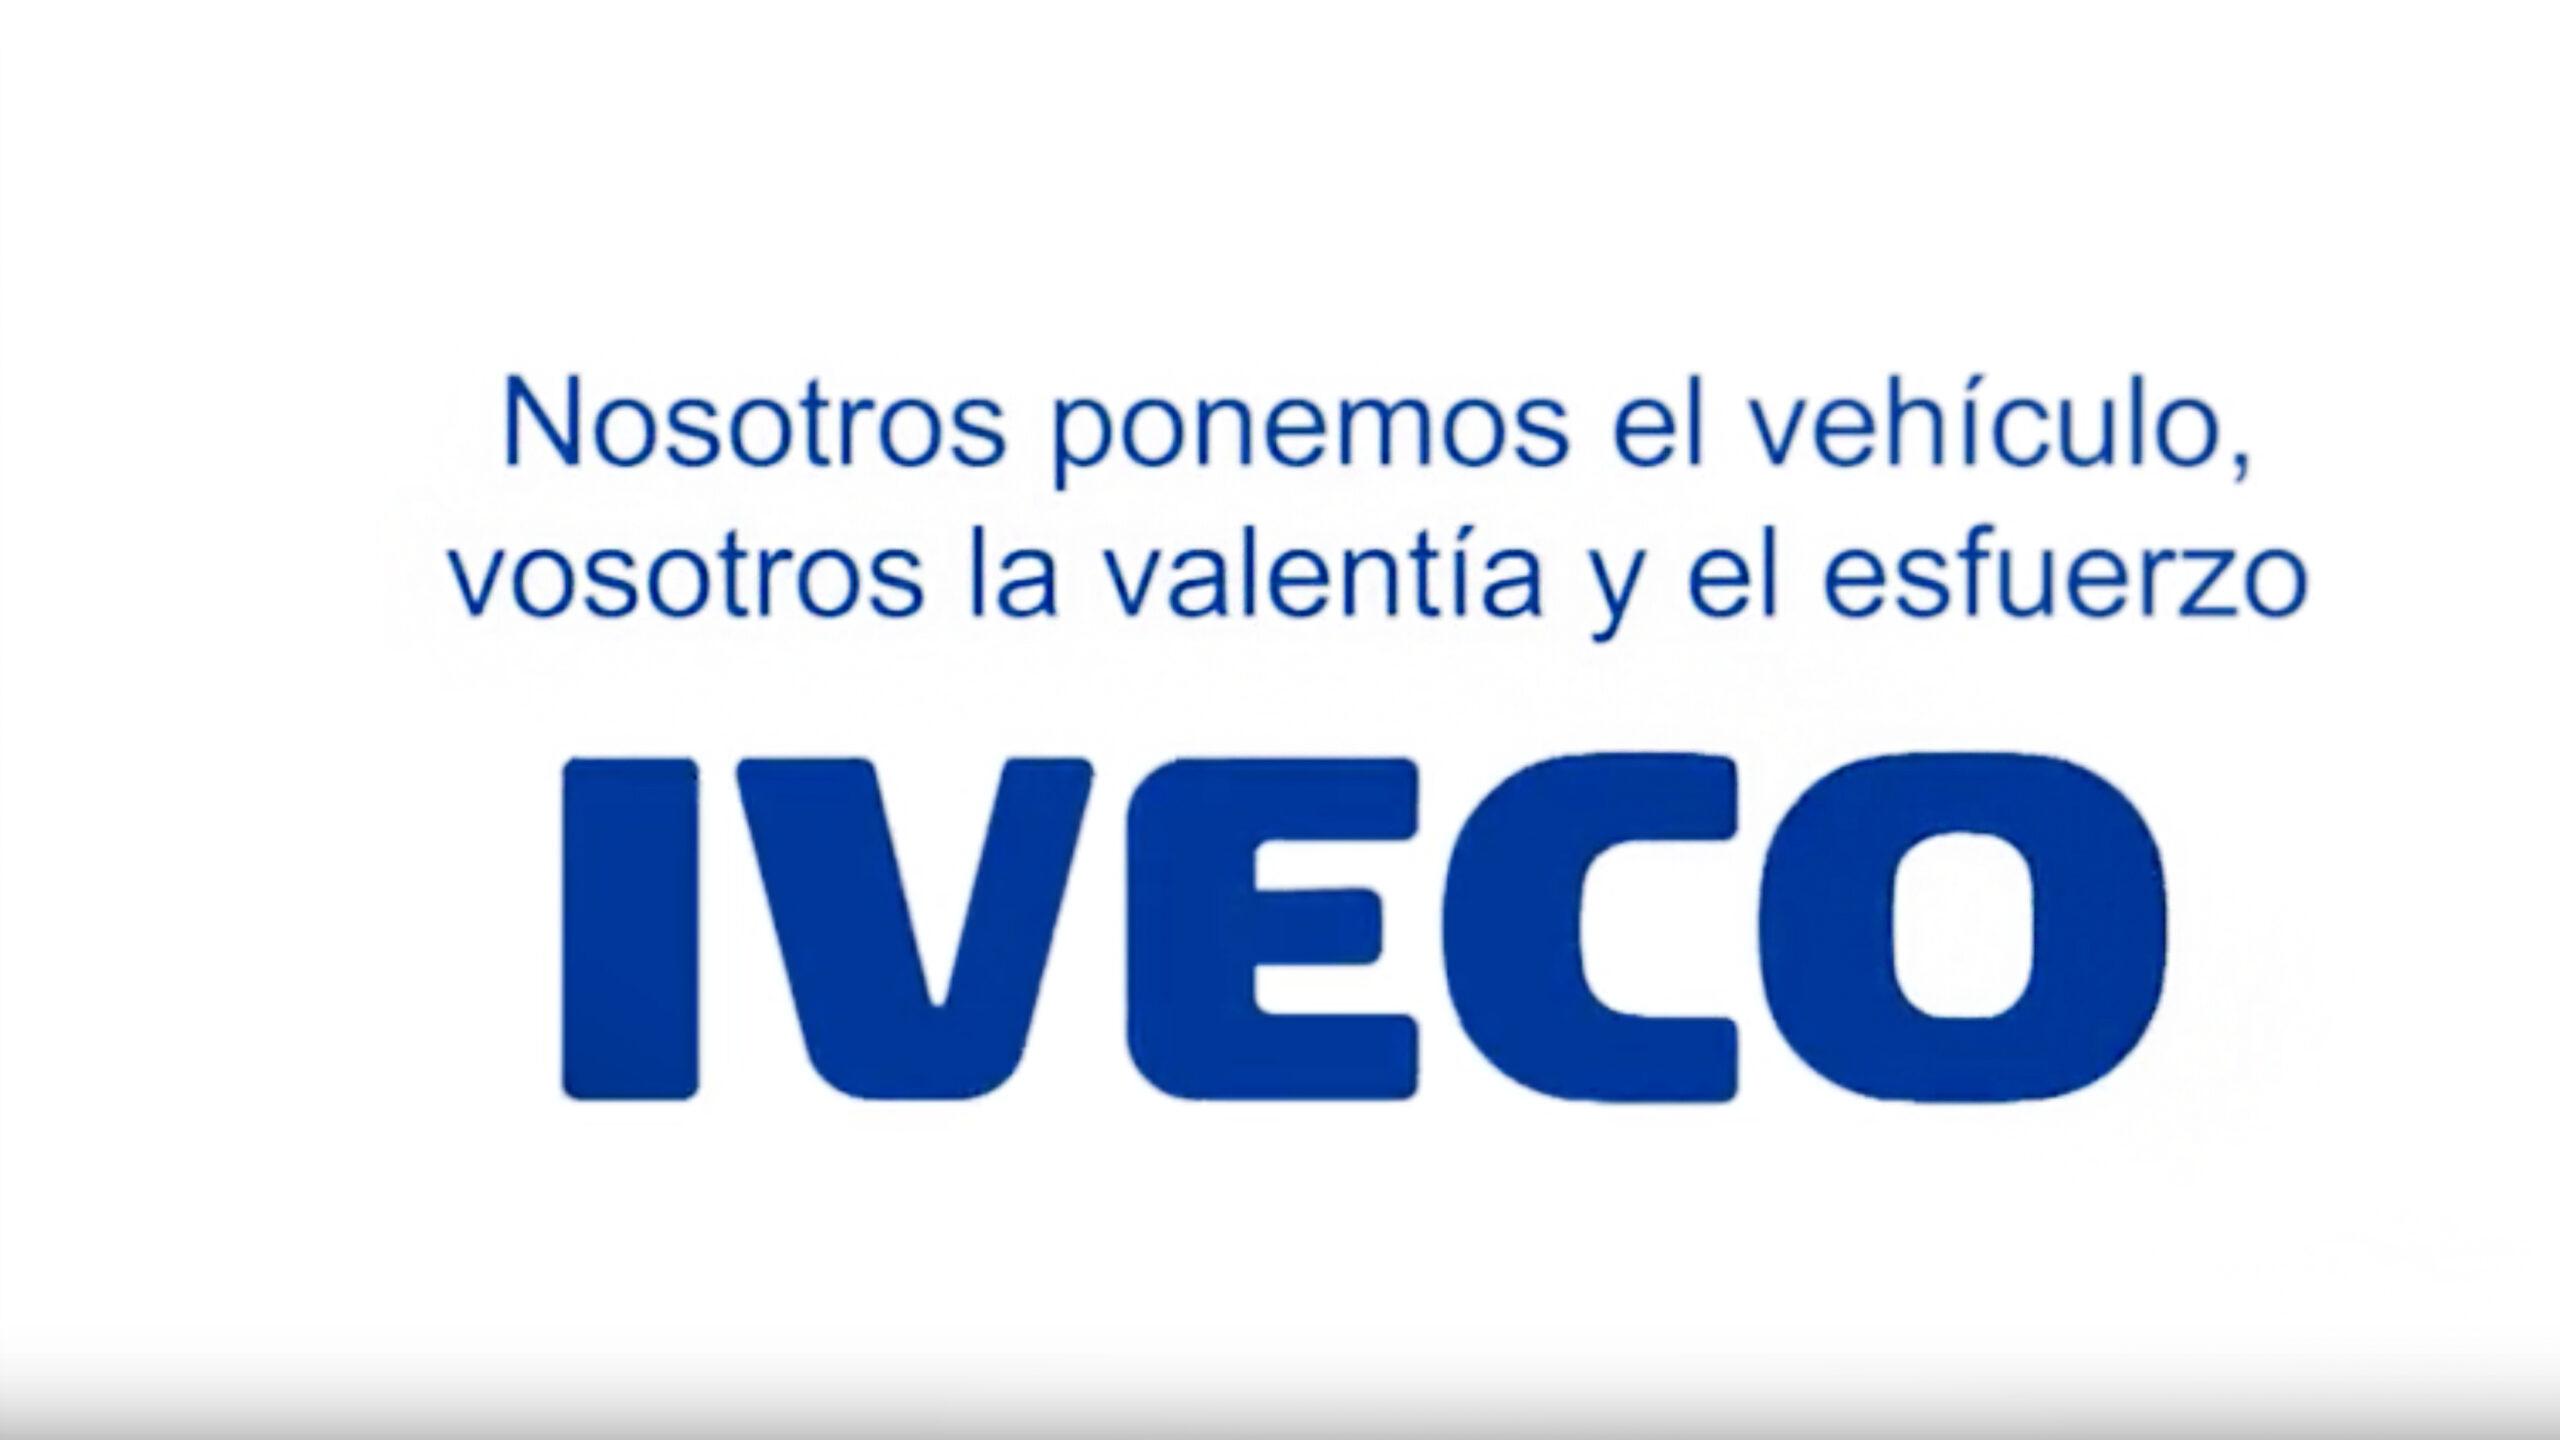 Coronavirus: IVECO lanza un mensaje de apoyo al sector del transporte